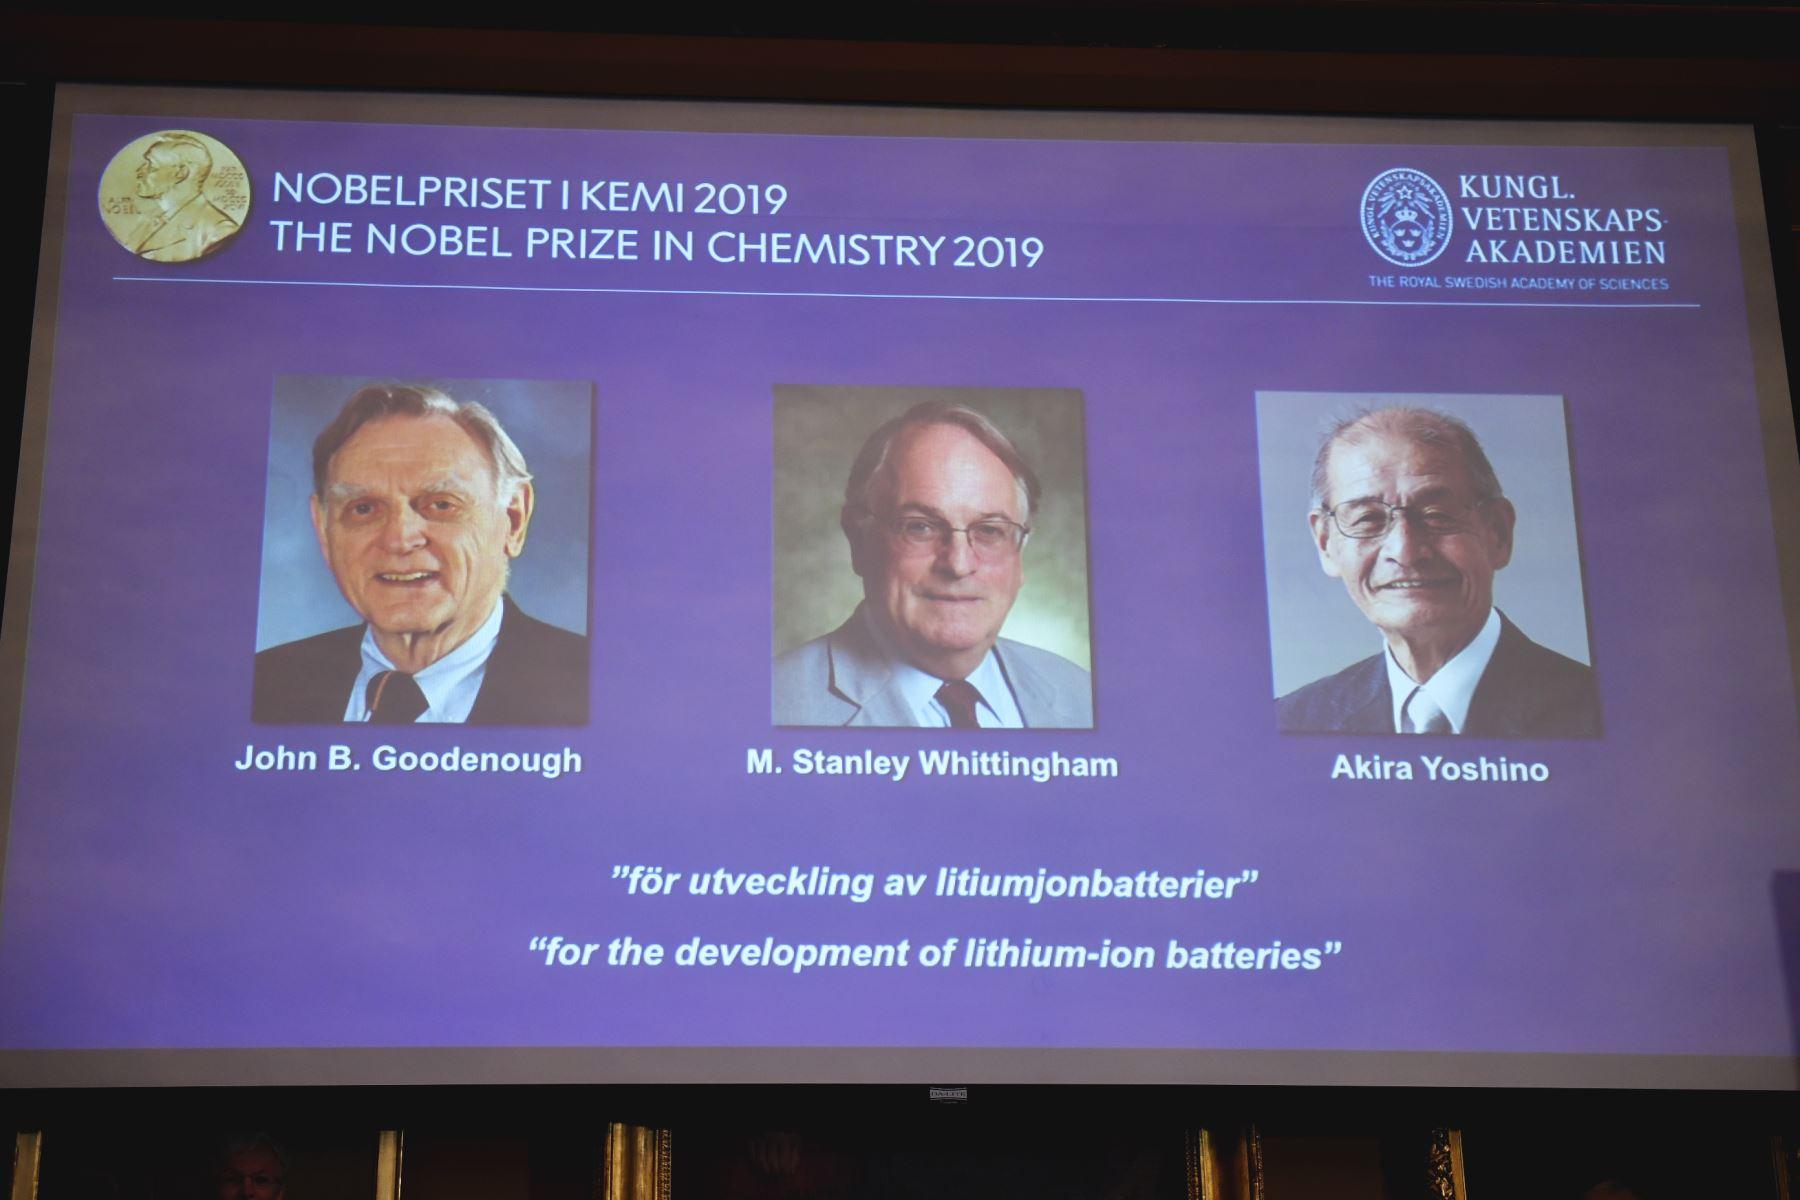 El estadounidense John Goodenough, el británico Stanley Whittingham y el japonés Akira Yoshino obtuvieron el premio Nobel de Química. Foto: AFP